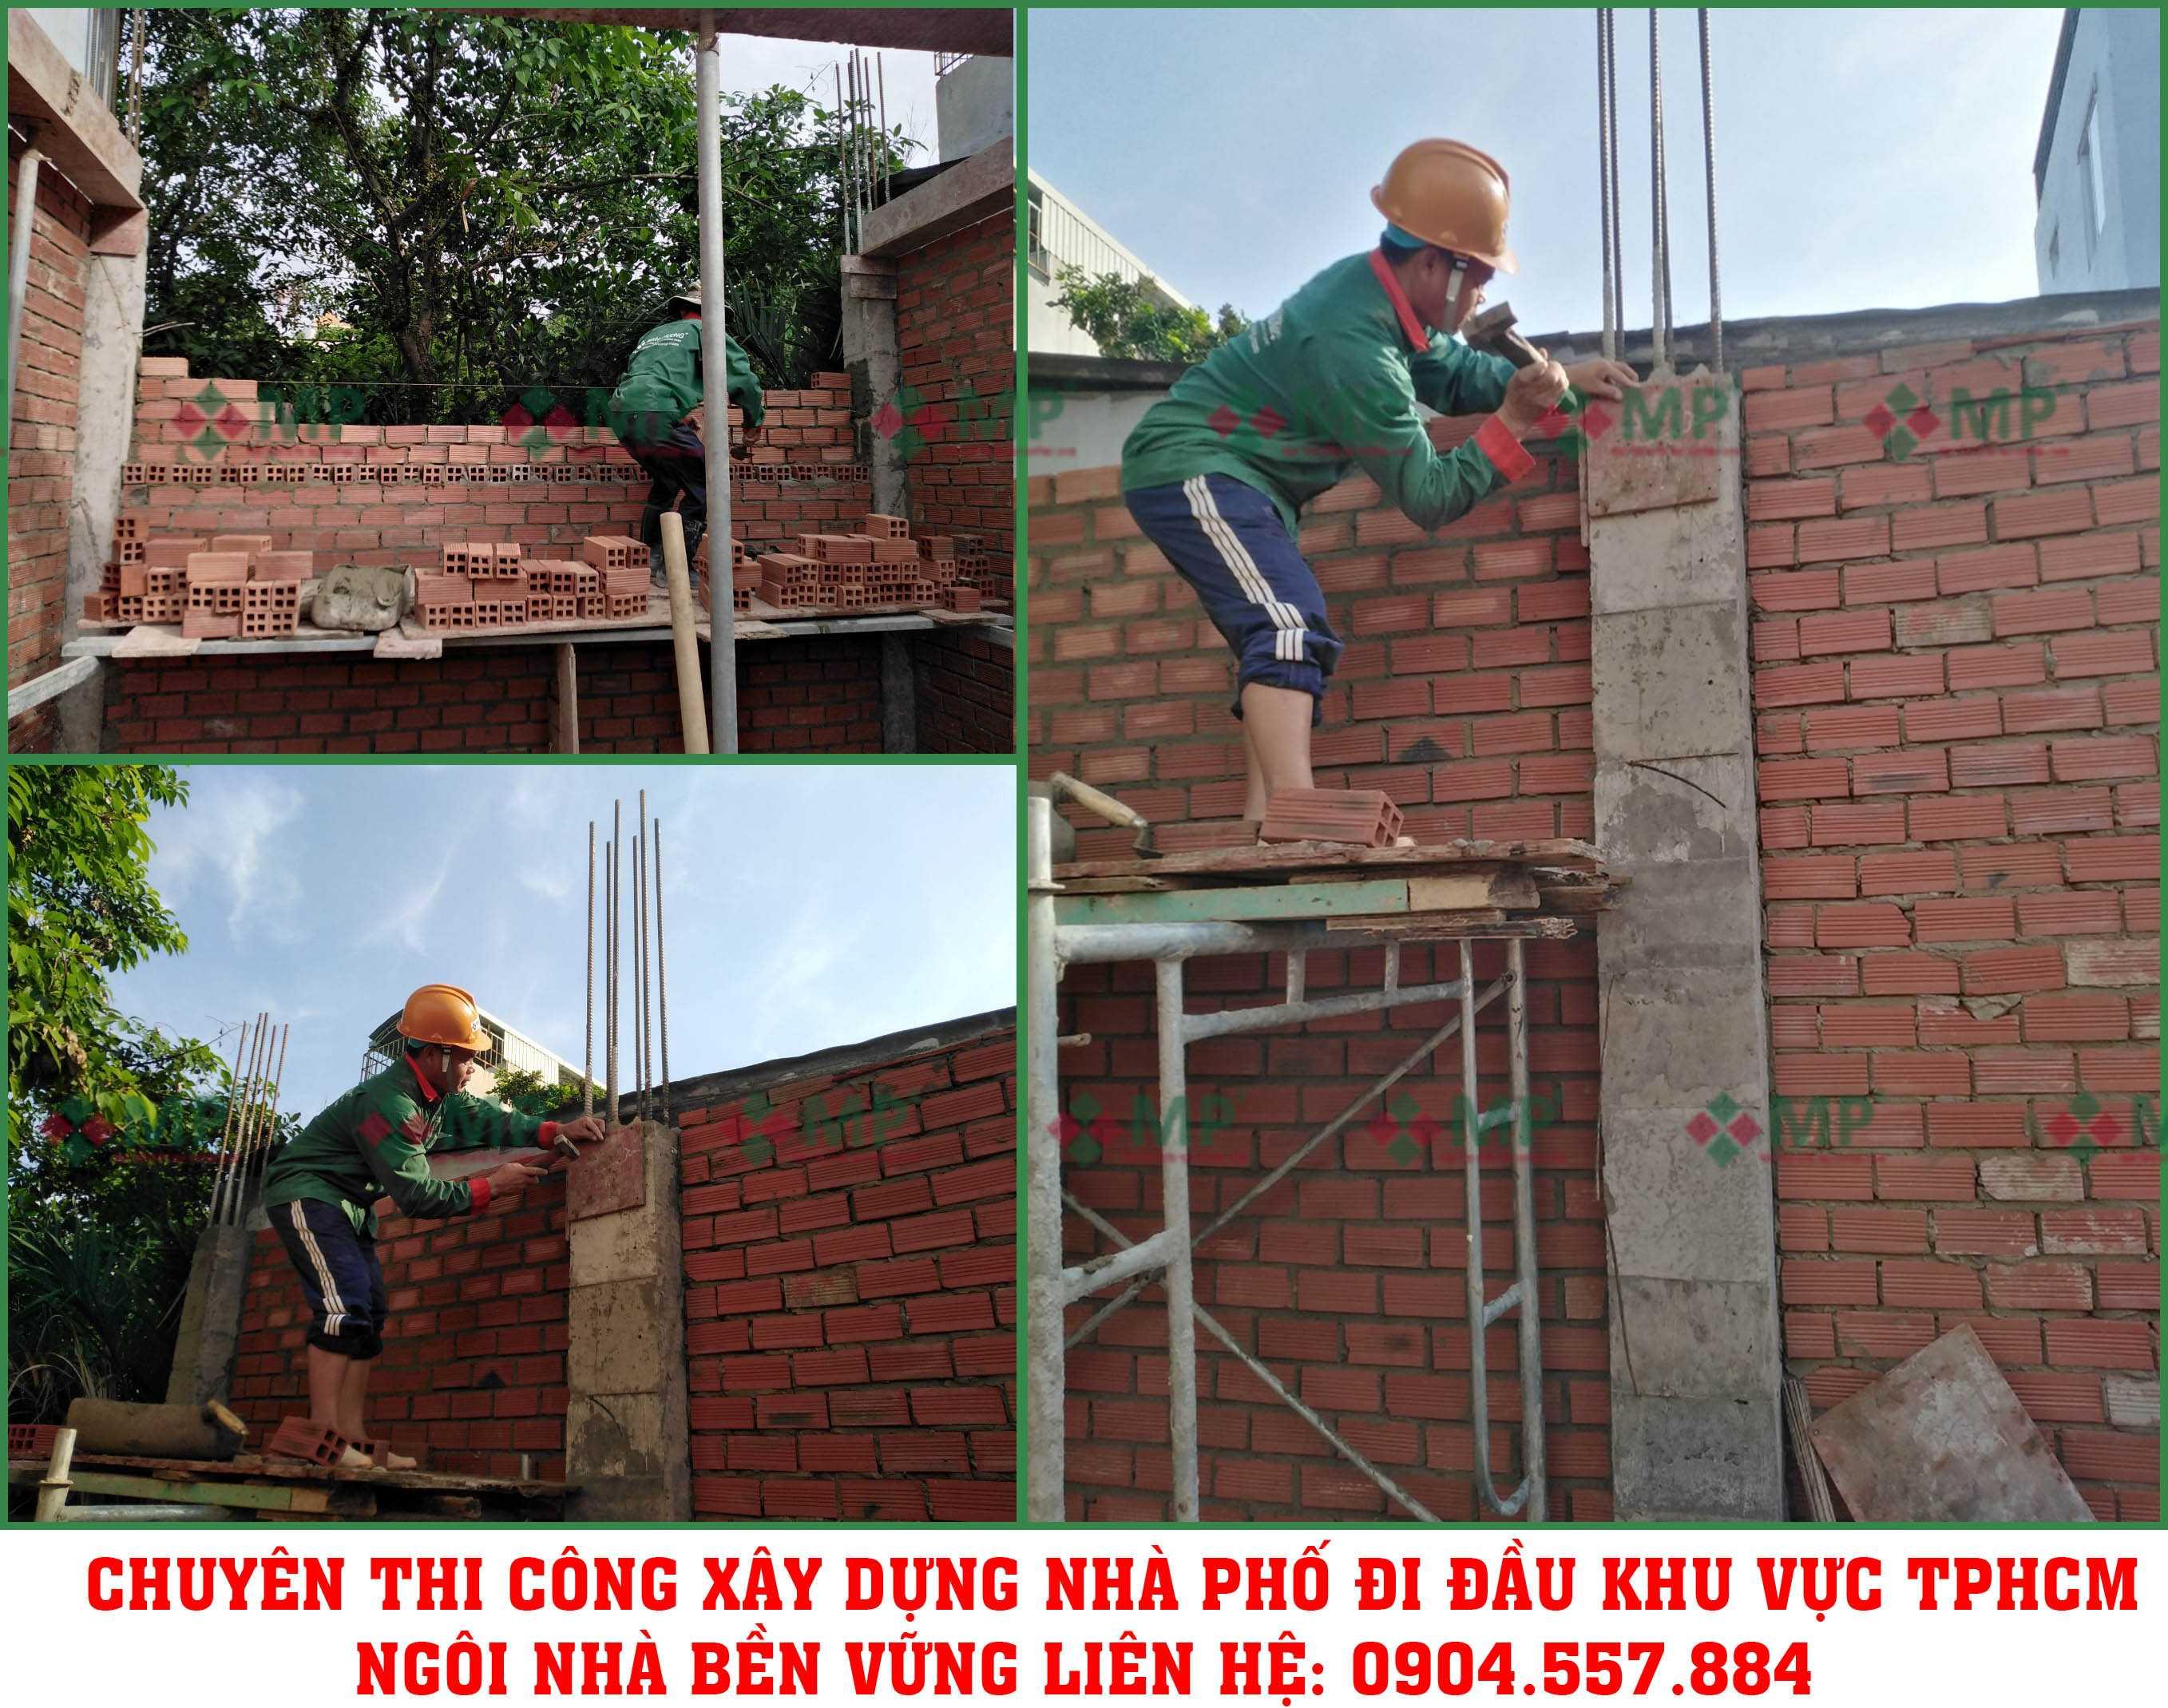 xây dựng nhà phố3 tầng Quận Thủ Đức Chị Dung